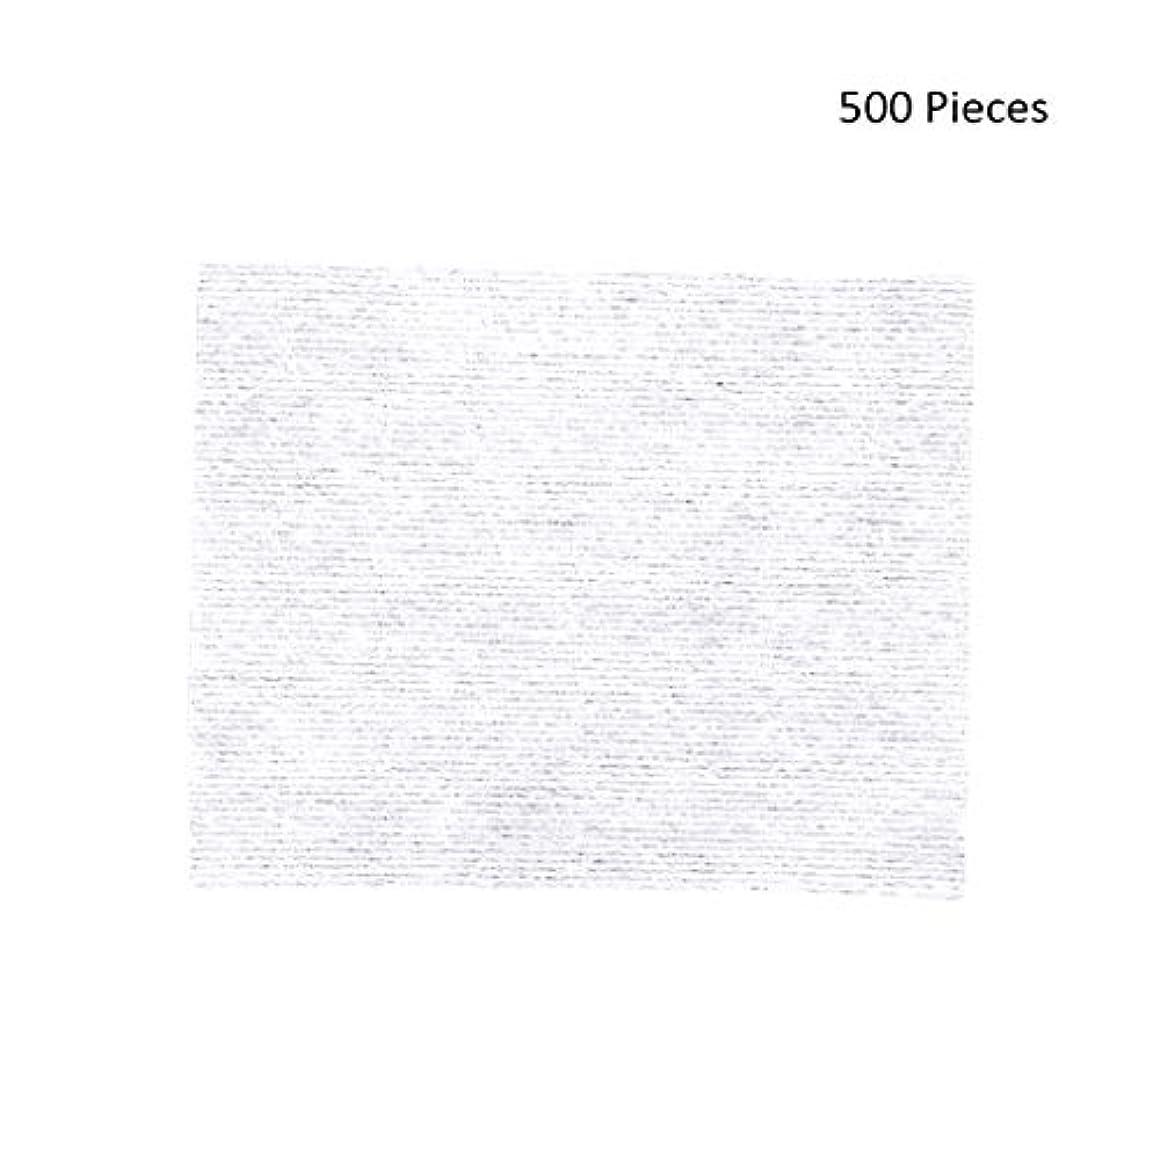 広告突き刺す十億500ピースフェイスメイクアップリムーバーワイプコットンパッドメイクアップリムーバーソフト化粧品フェイスマスククレンジングケアフェイシャルコットンパッド (Color : White, サイズ : 6*5cm)